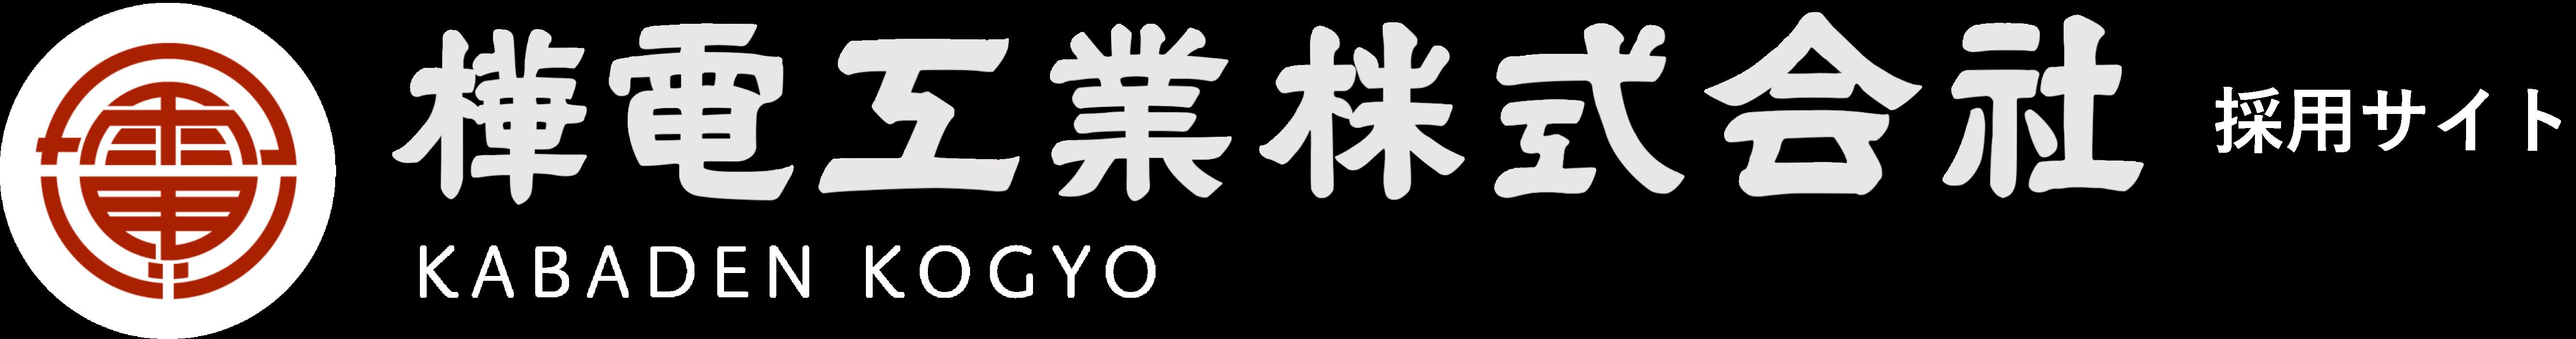 樺電工業株式会社